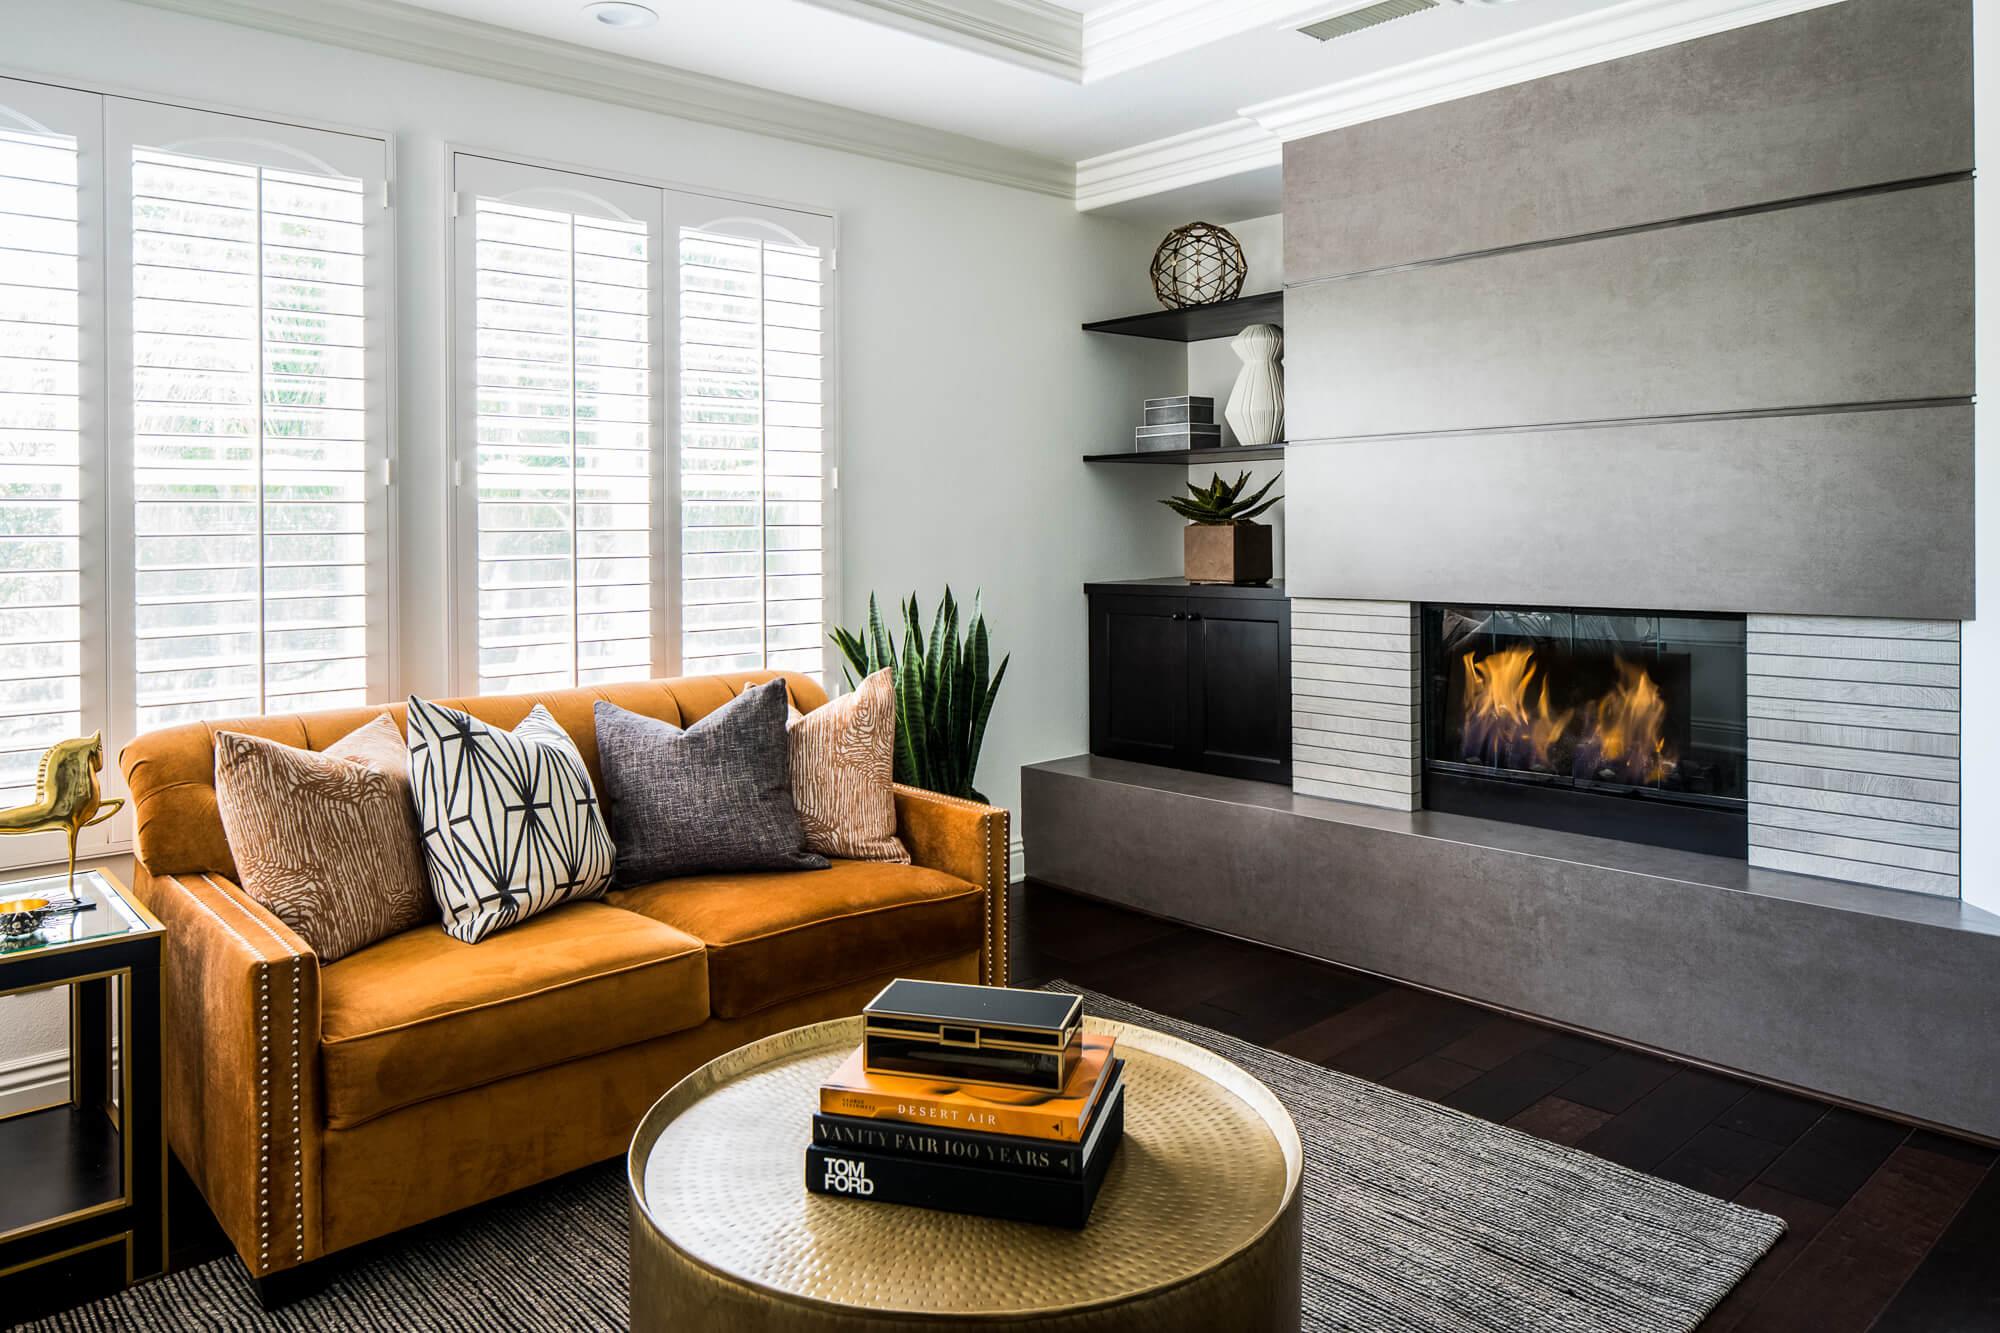 Coto de Caza Remodeled Sitting Room, Remodeled Master Suite, Remodeling Orange County